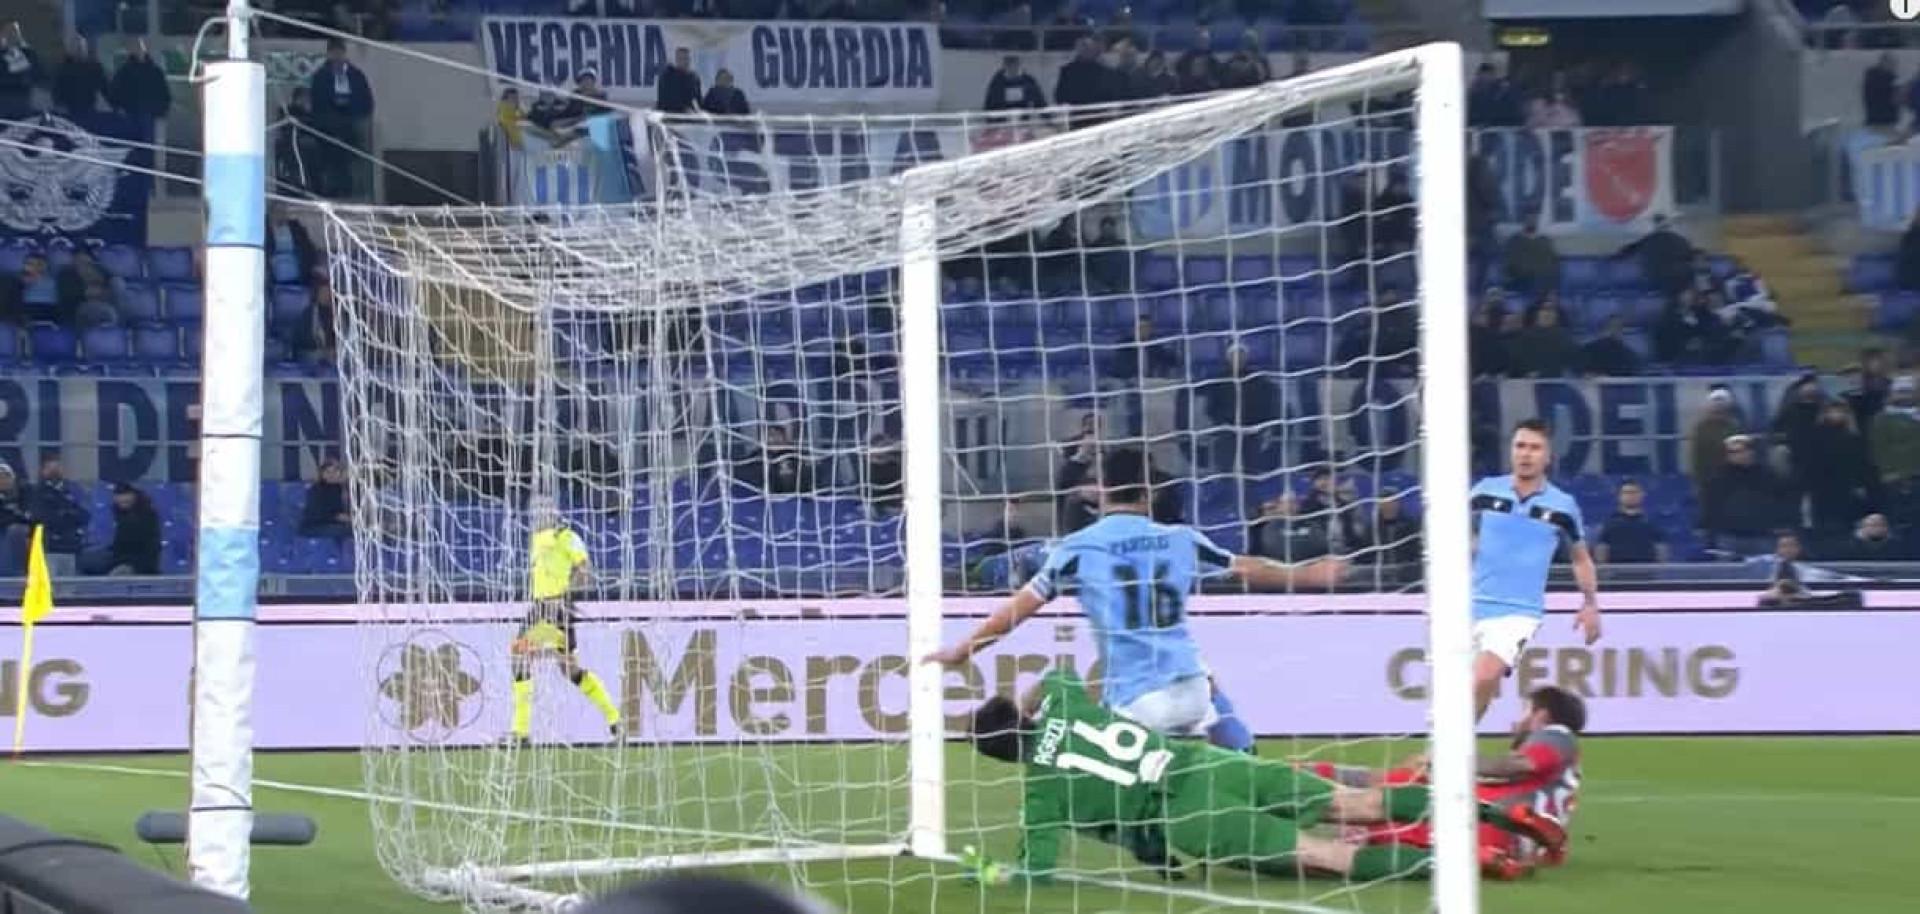 Guarda-redes do Cremonese contrai lesão arrepiante diante da Lazio